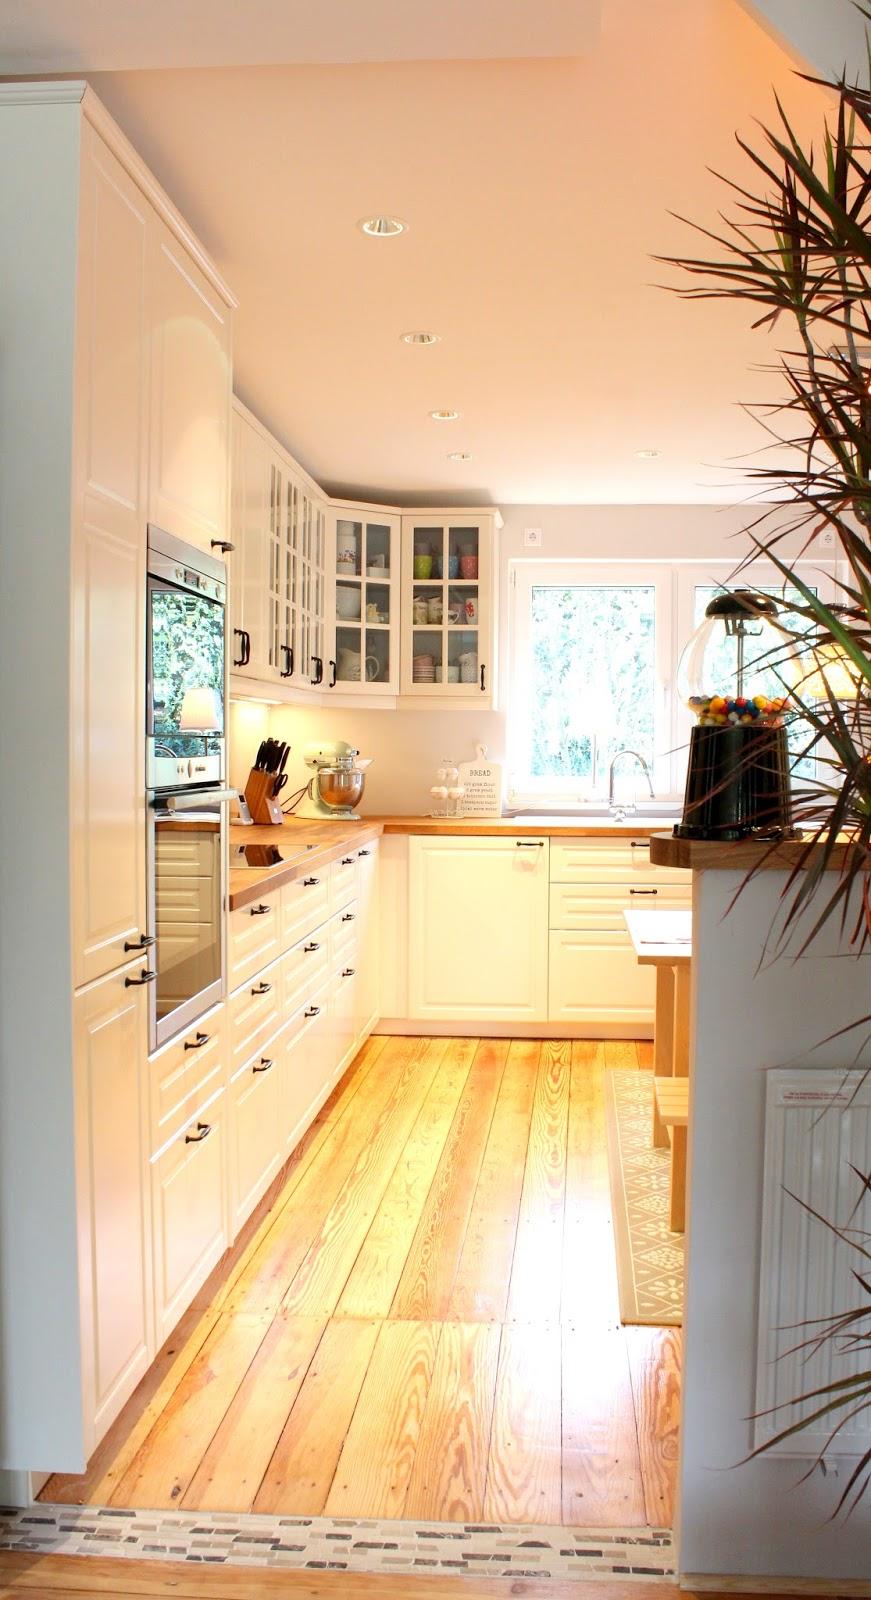 Unsere Küche War Früher Mal Das Schlafzimmer Meiner Mutter. Ein Komplett  Neuer Raum Ist Also Entstanden. Links, Wo Ca Der Ofen Ist, War Die Tür Vom  ...